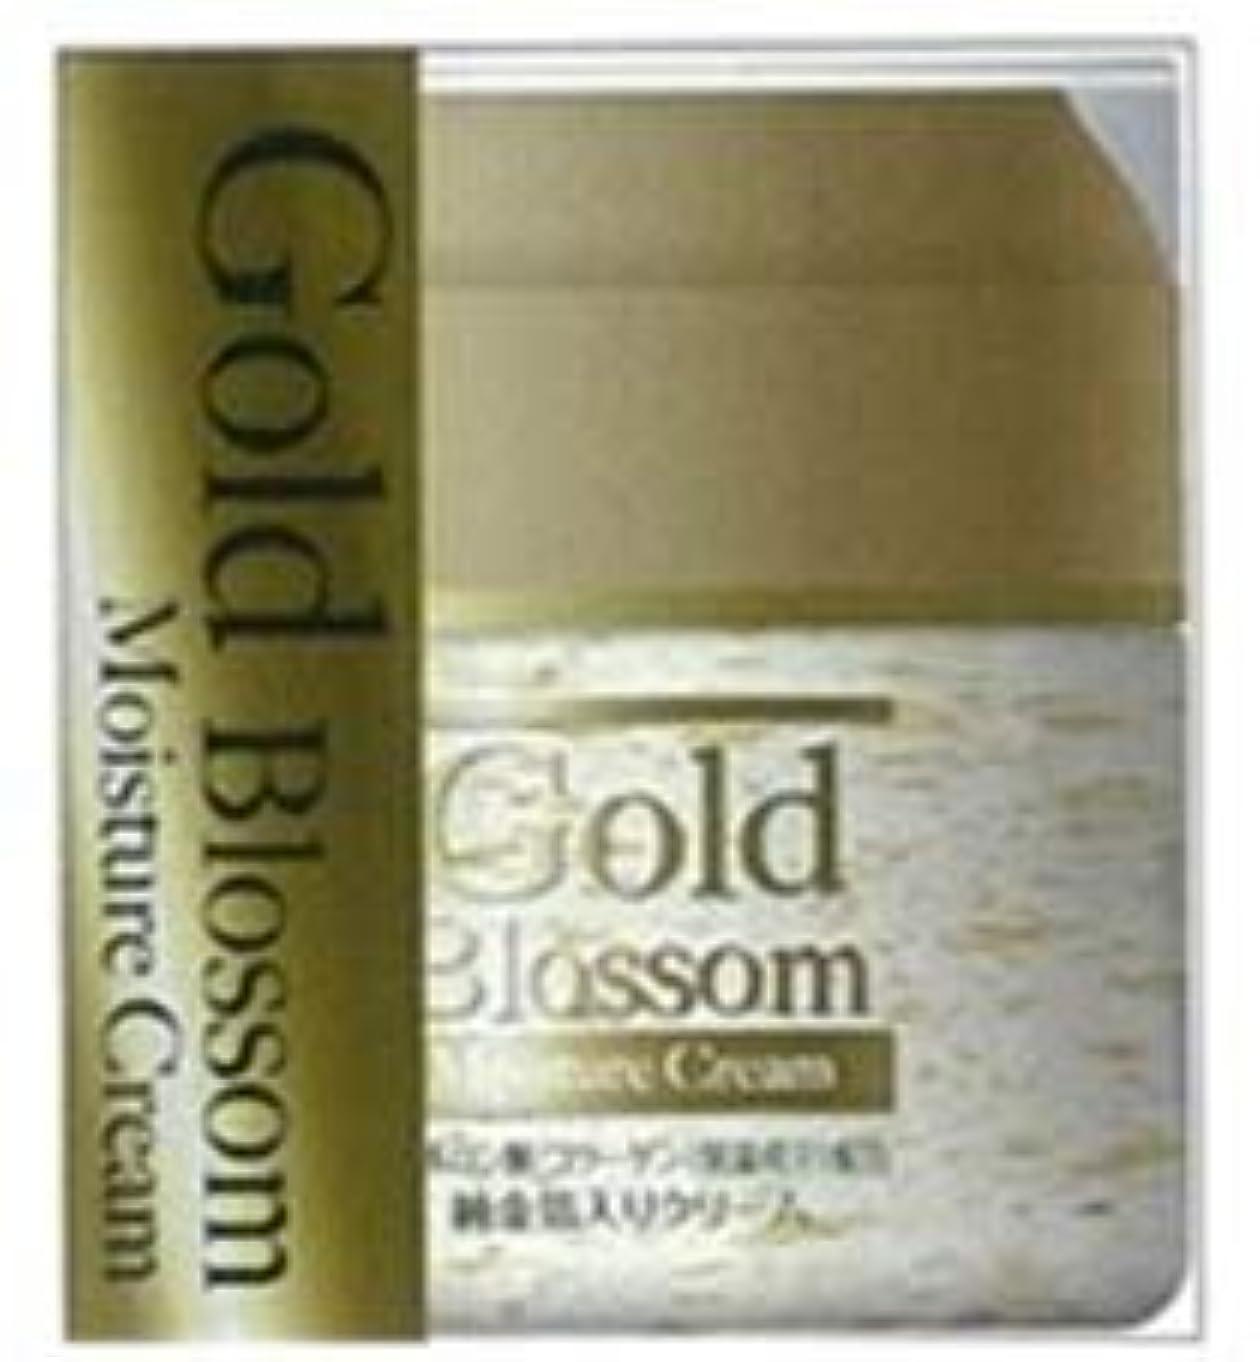 ラケット抜け目のない比較Gold Blossom 保湿クリーム